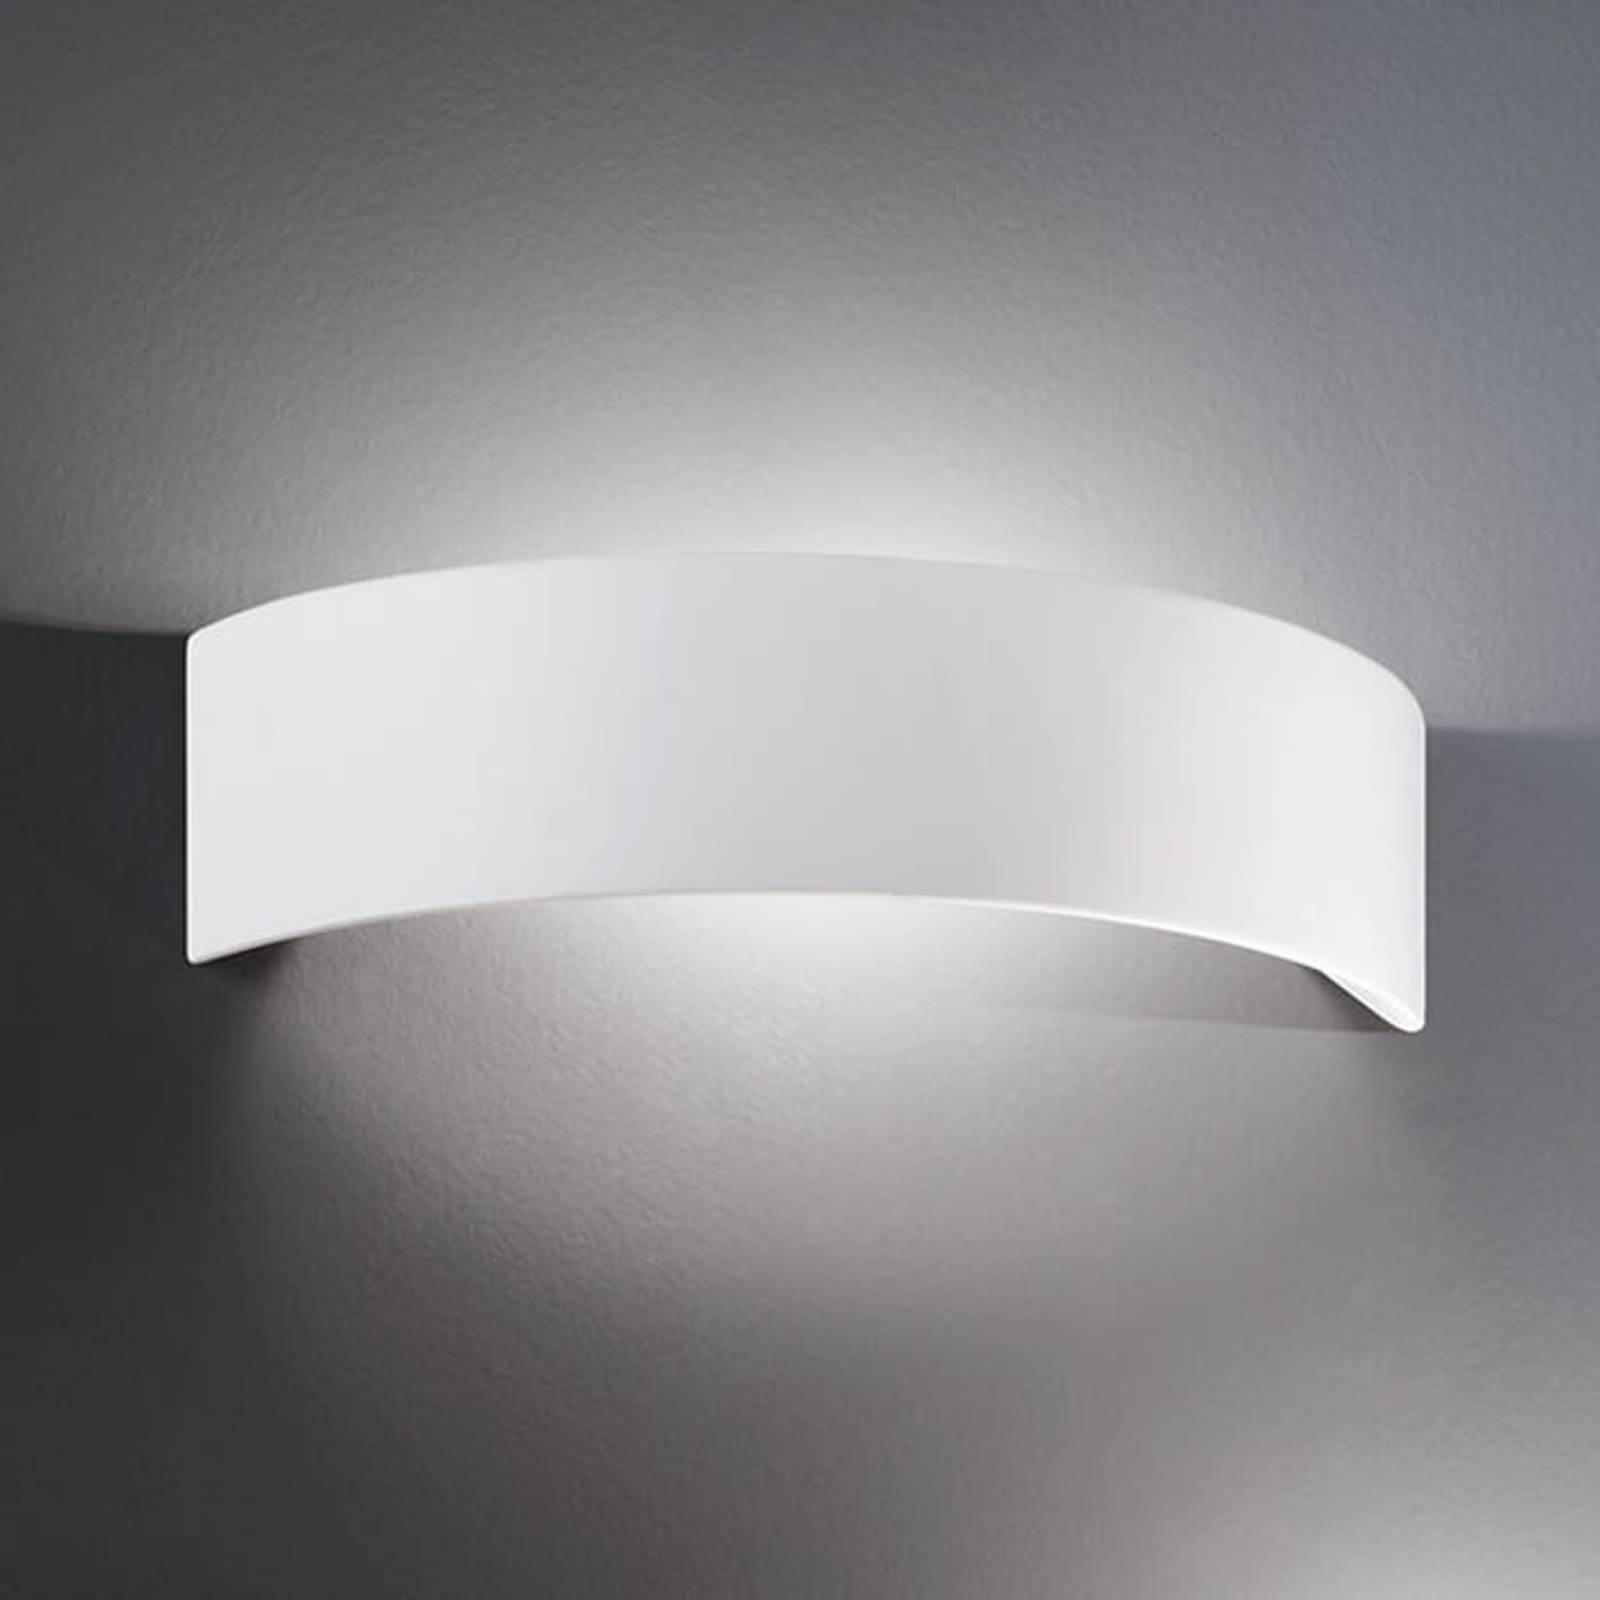 Design wandlamp Arco